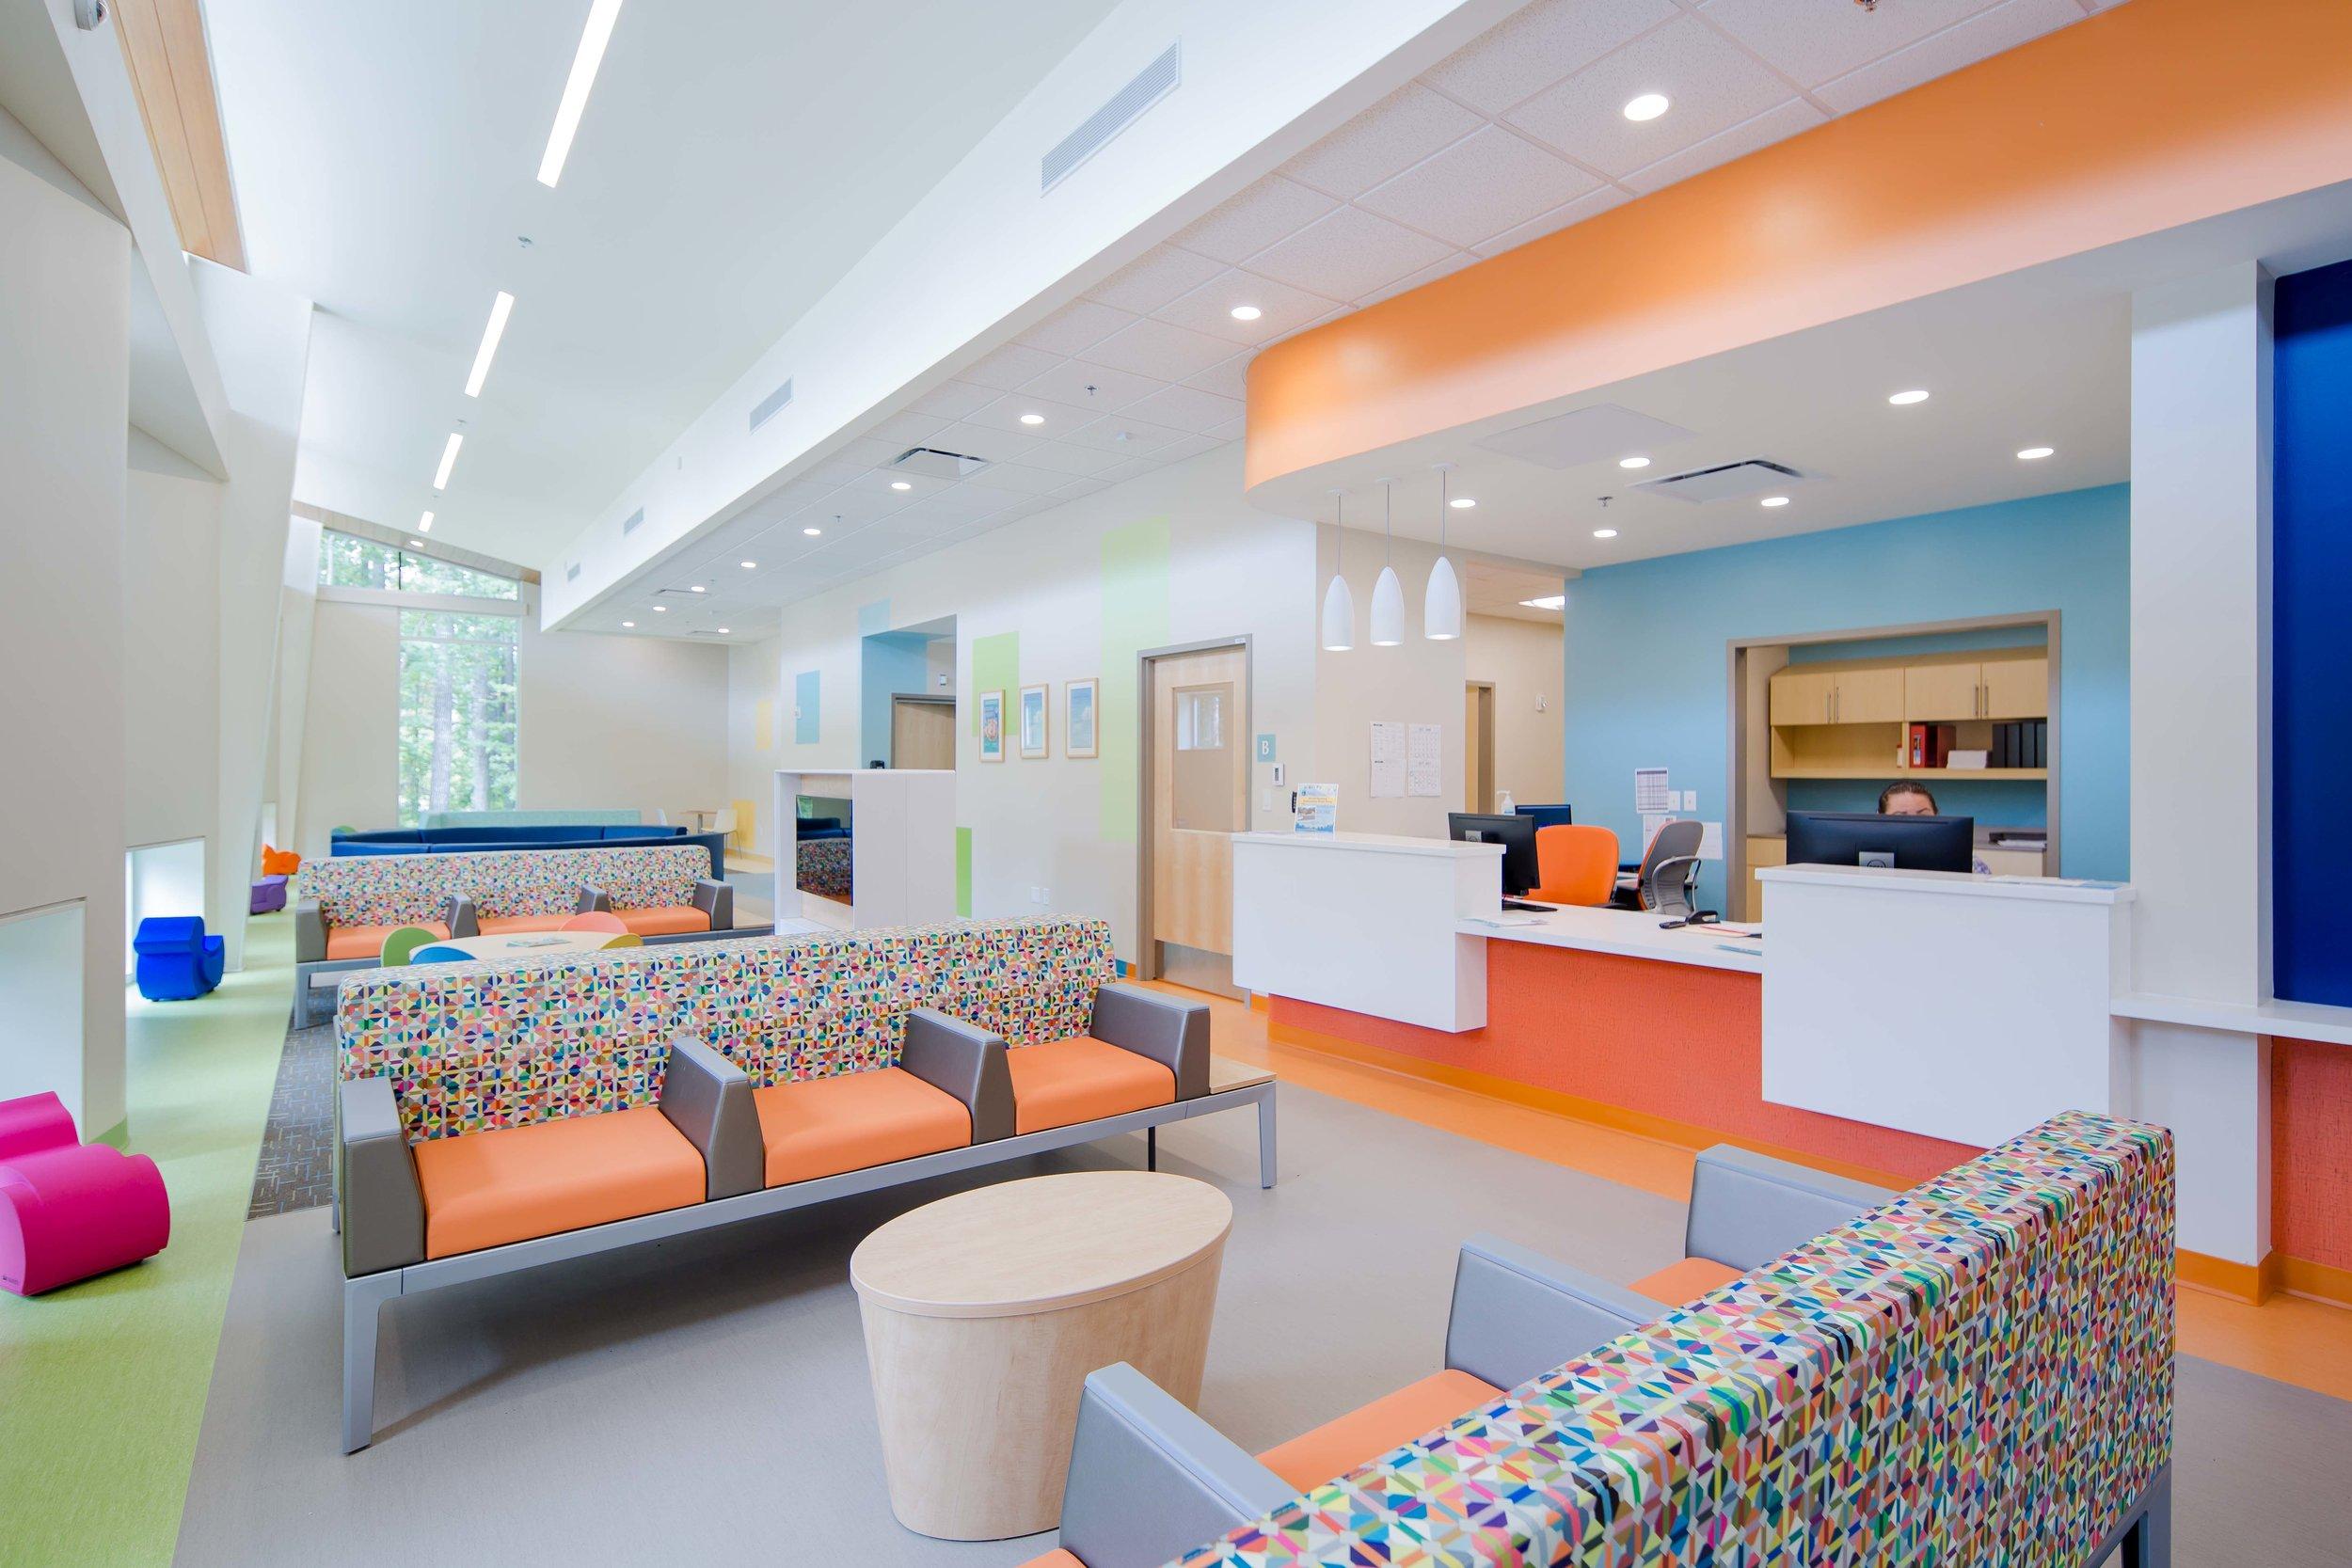 Arkansas Children's Hospital, Southwest Little Rock Clinic